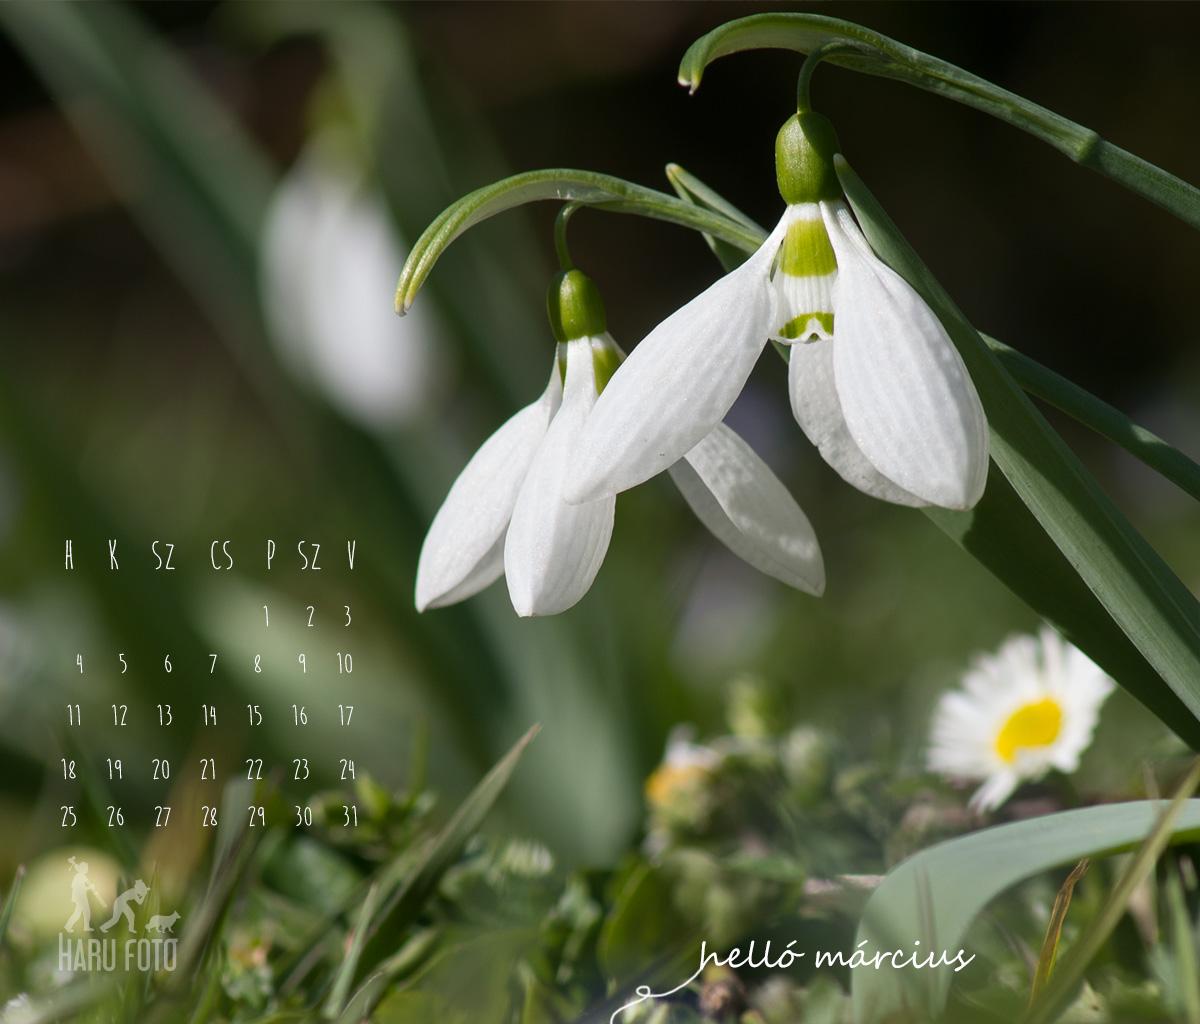 naptár háttérnek 2013 márciusi naptár, hóvirág háttér | Harufoto a kreatív műhely naptár háttérnek